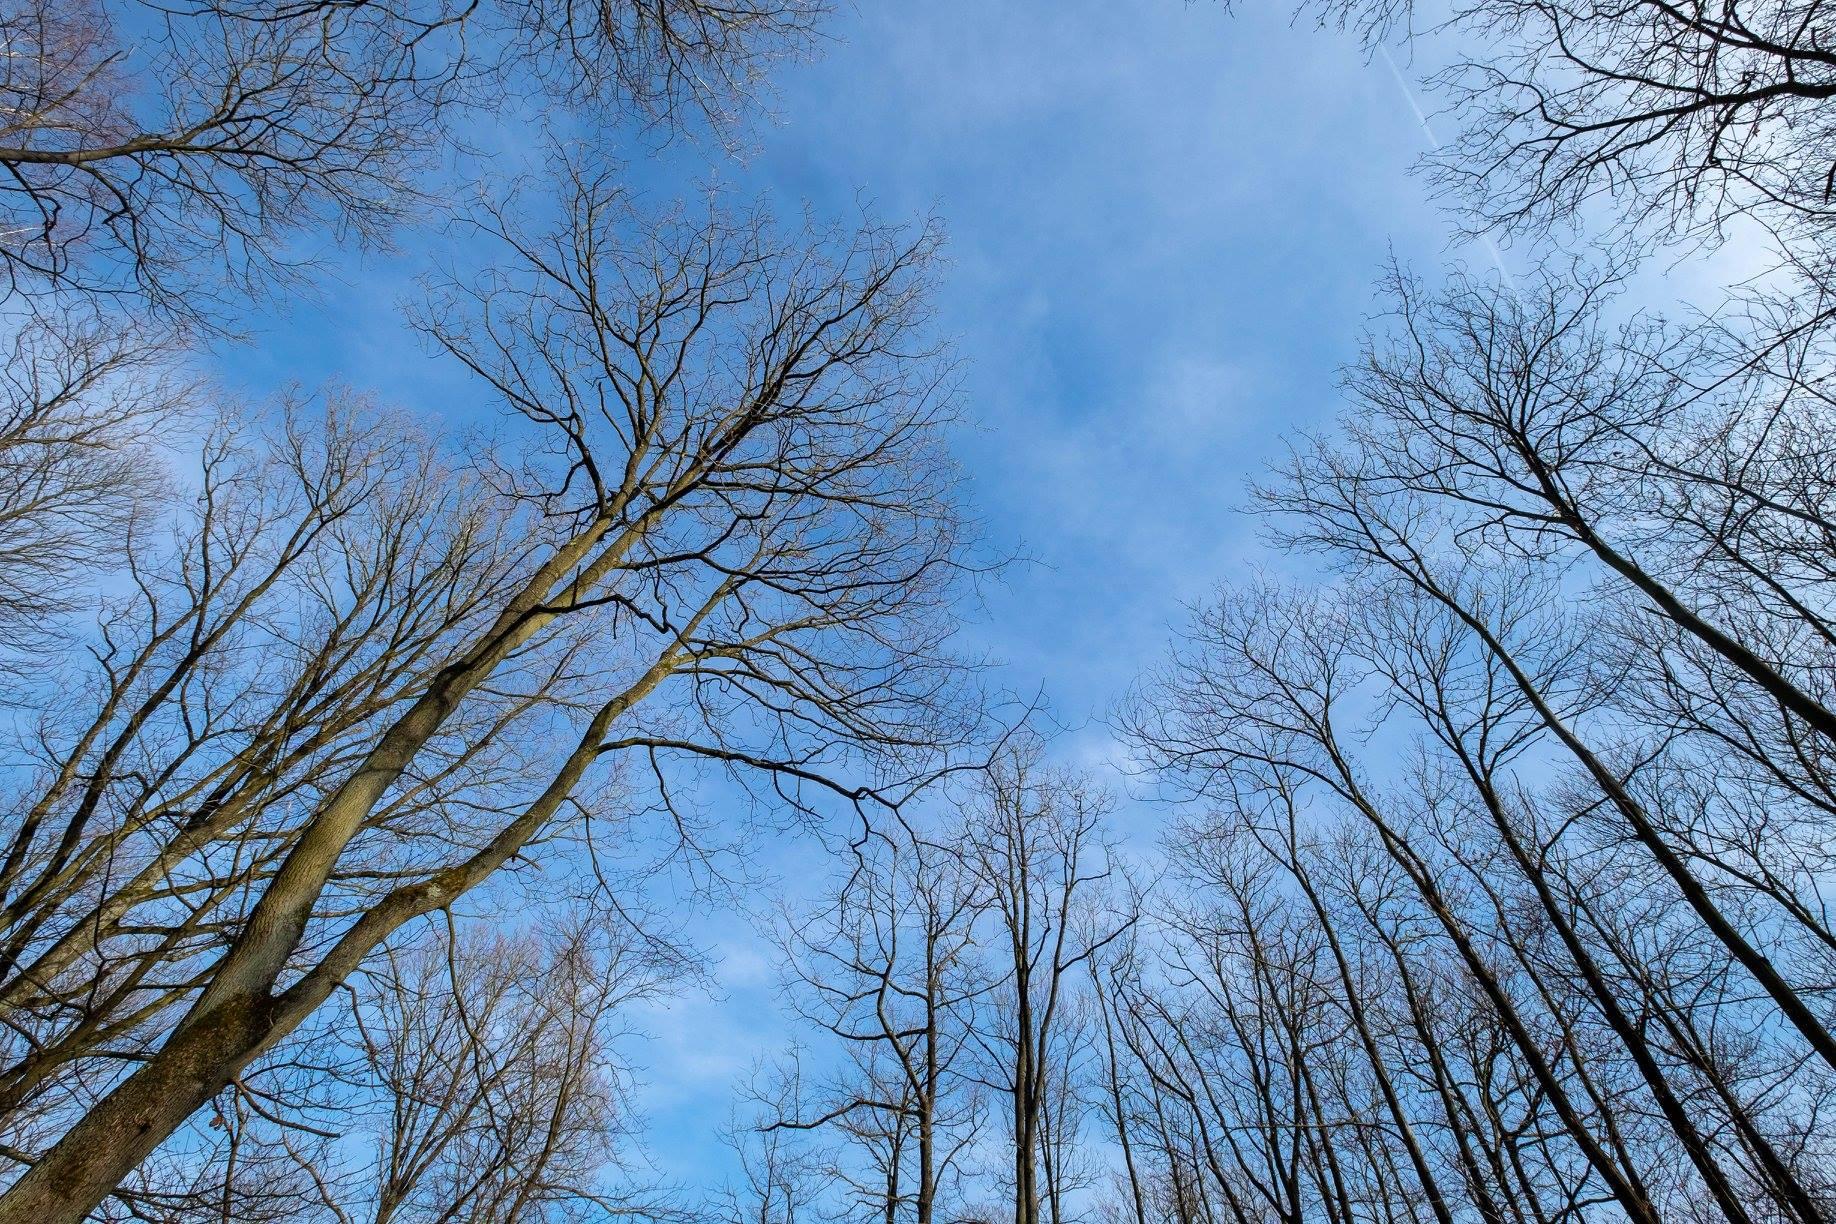 Février 2019 - Forêt de Montmorency sous le soleil précoce (photo de Jean-Pierre Even)